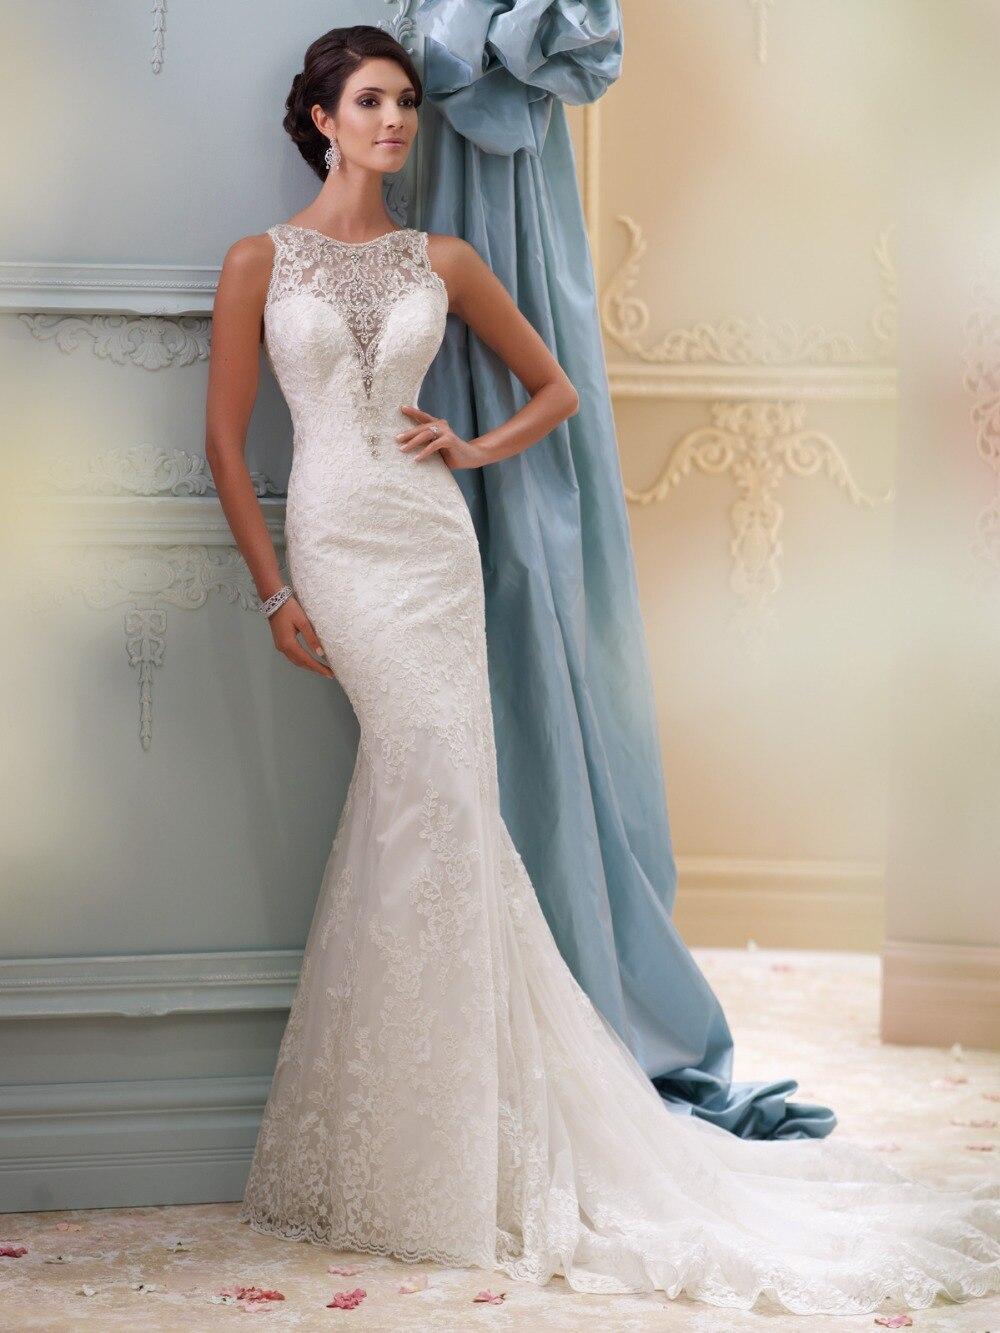 Últimos Apliques de encaje hermoso escote vestido de novia sirena 2018 vestido de novia bata de novia vestidos de novia